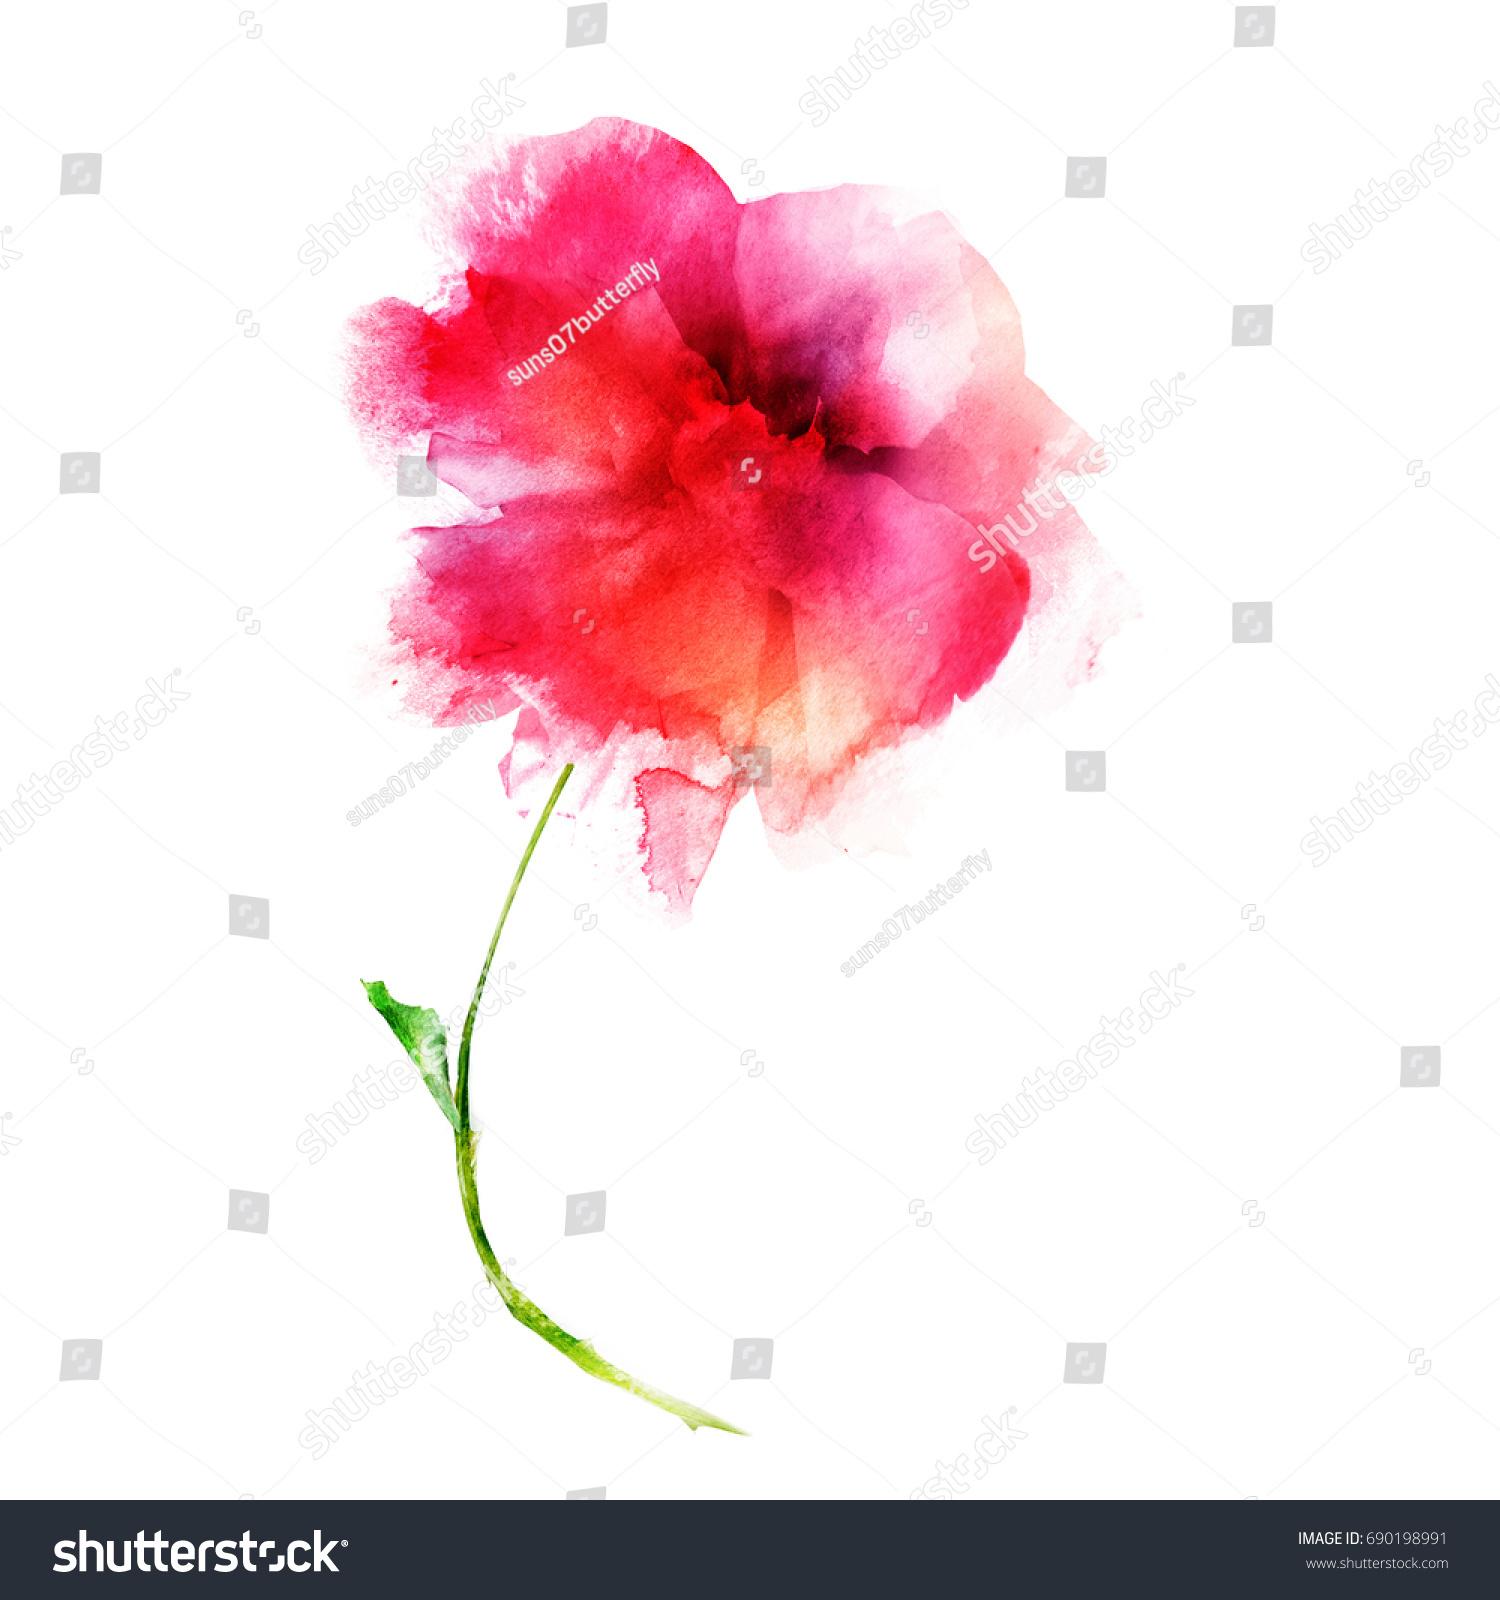 Beautiful watercolor flower | EZ Canvas